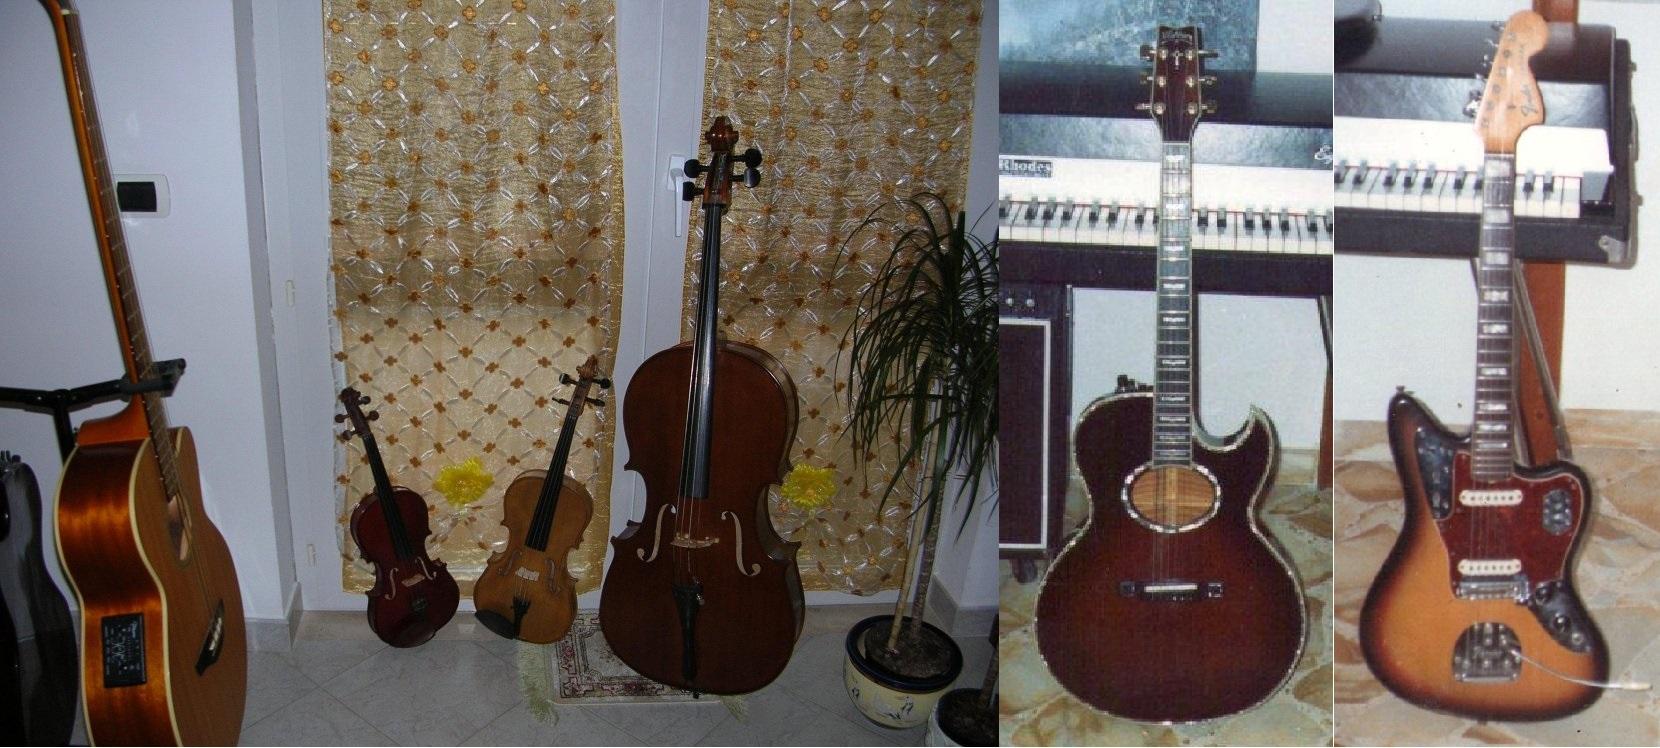 Strumenti accordati per quinte e strumenti accordati per quarte.